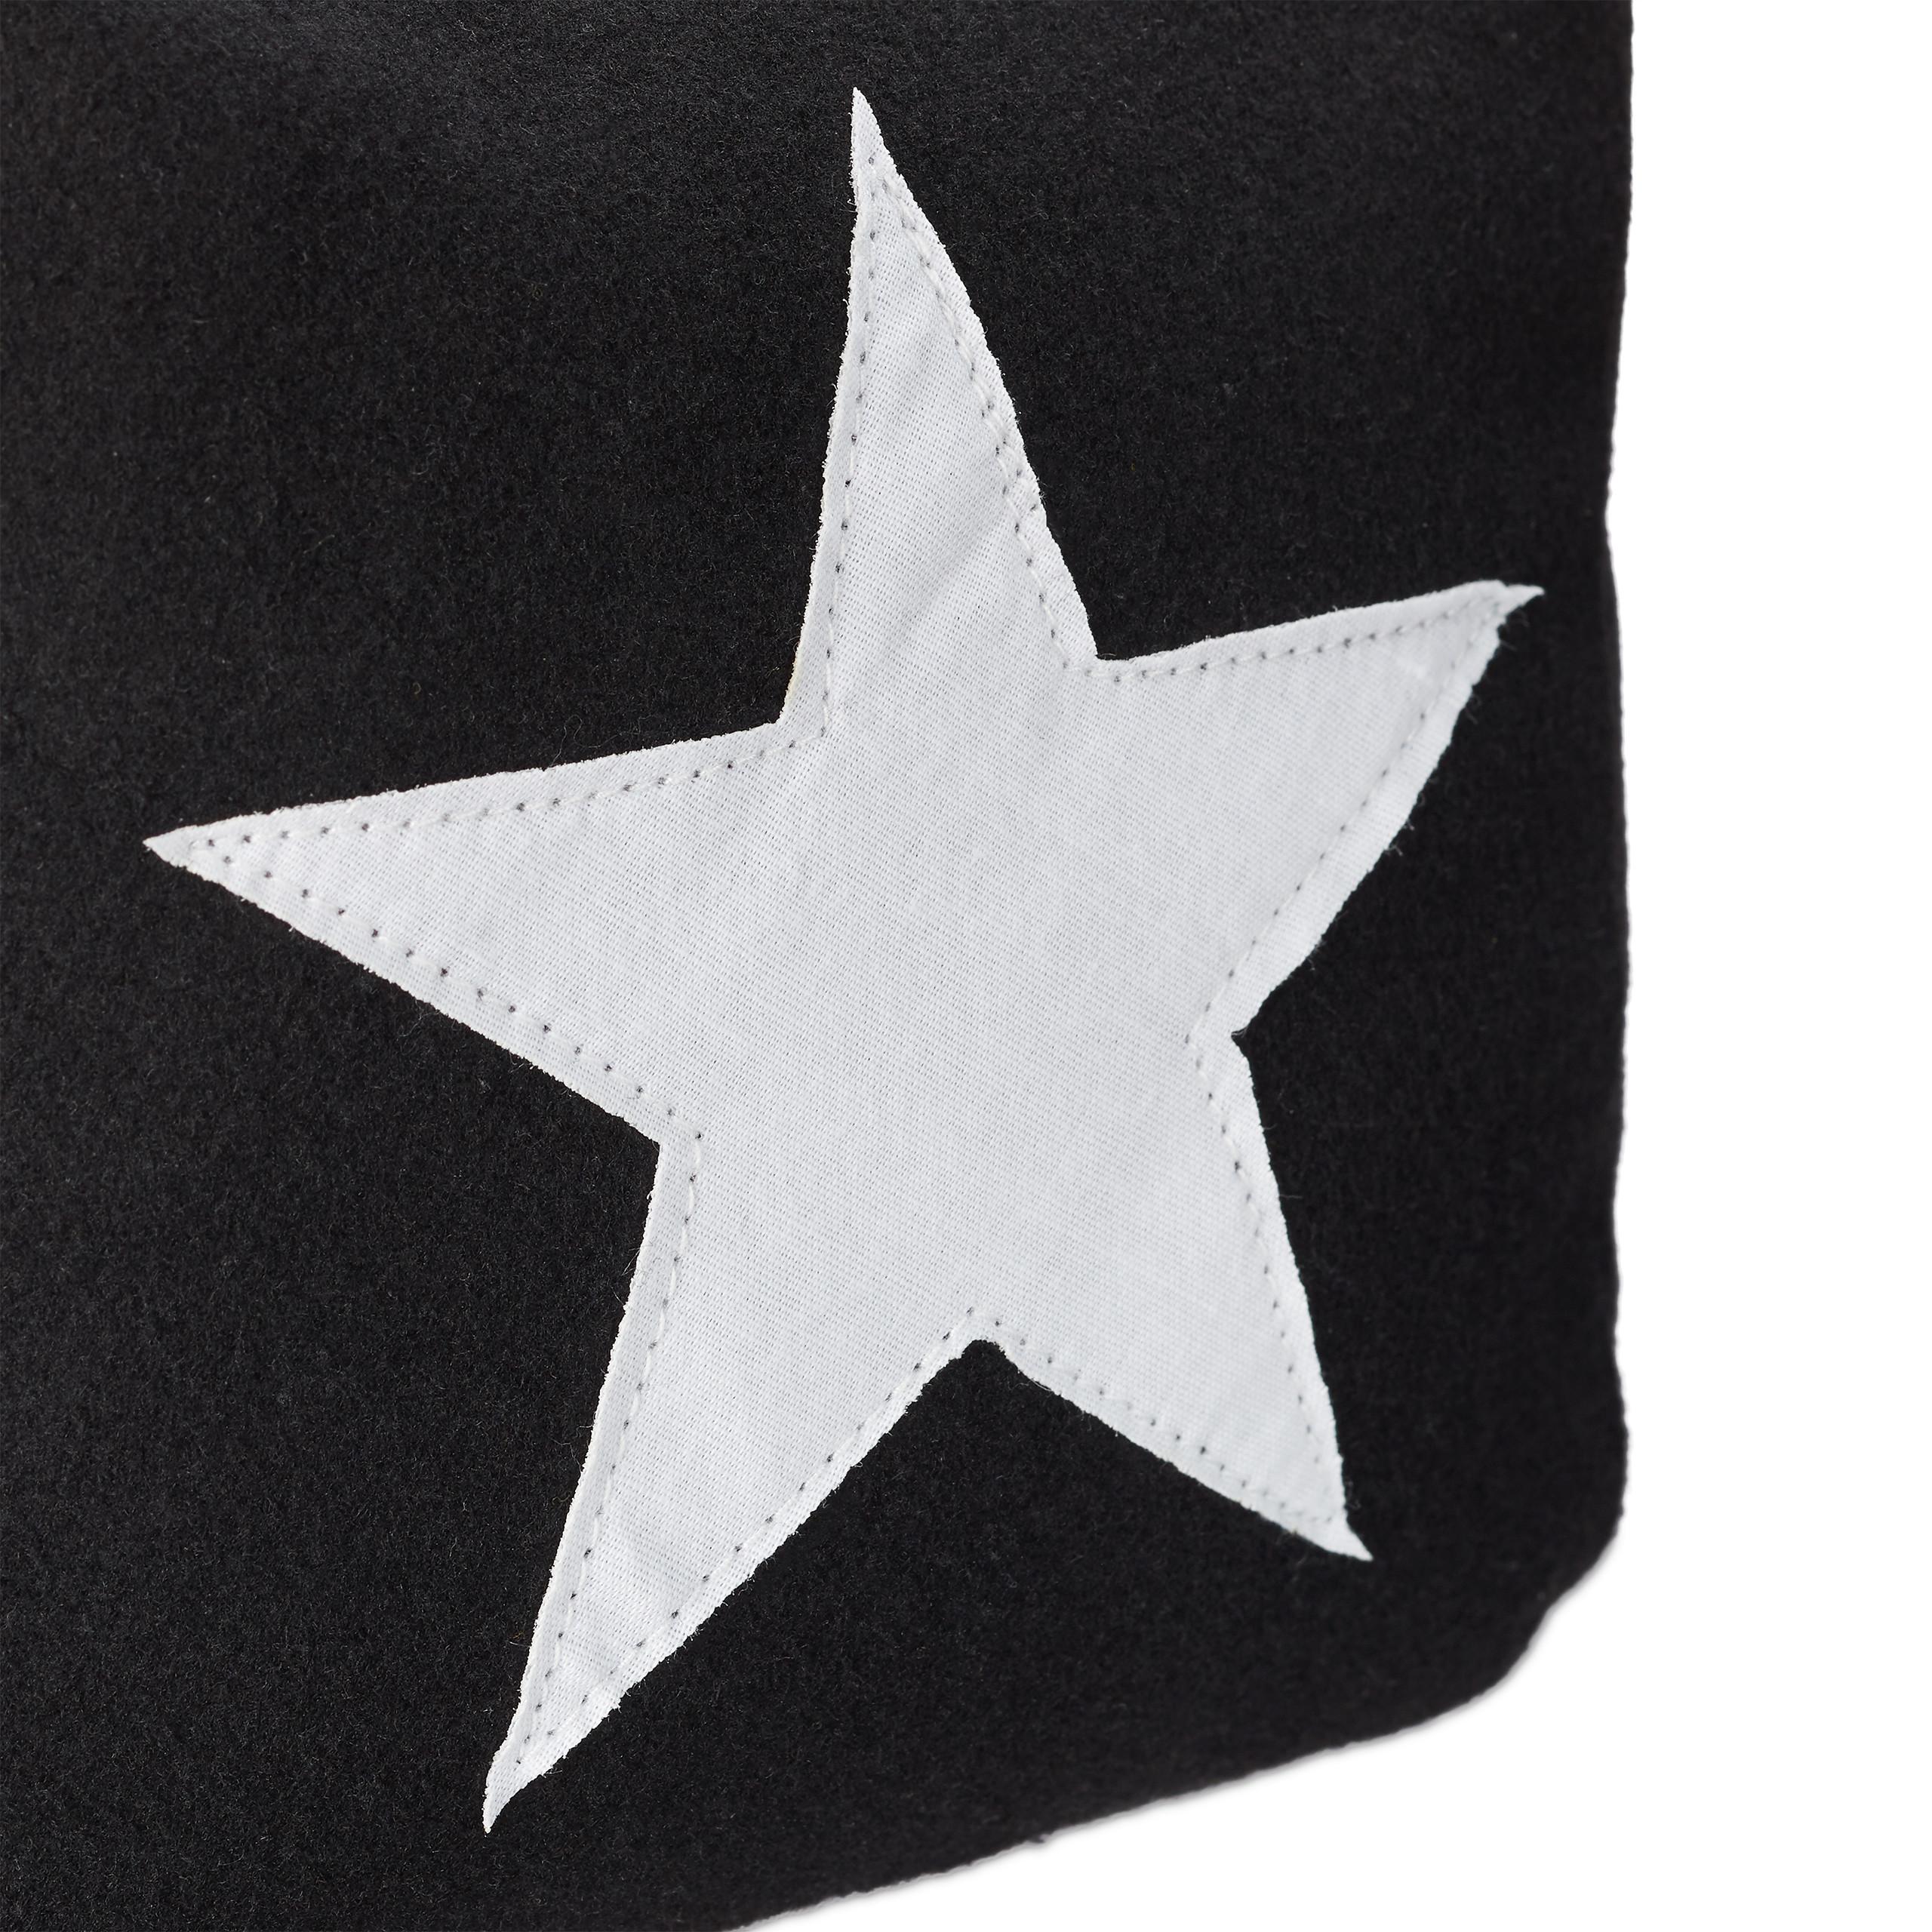 Türsack Würfel mit Griff Türpuffer Stoff modern schwarz 3 x Türstopper Stern